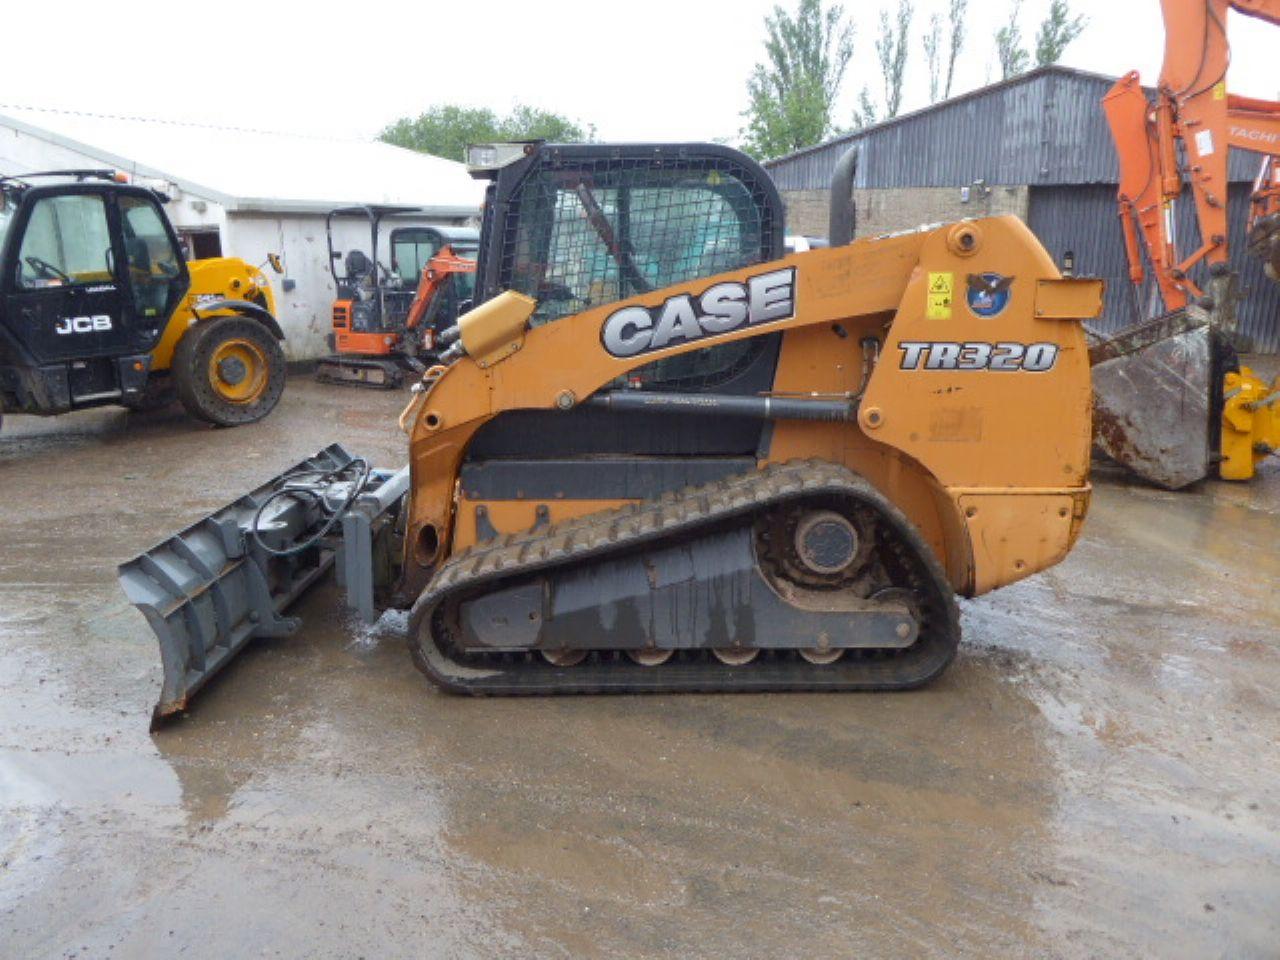 CASE TR320 TRACKED SKIDSTEER LOADER - Picture 3